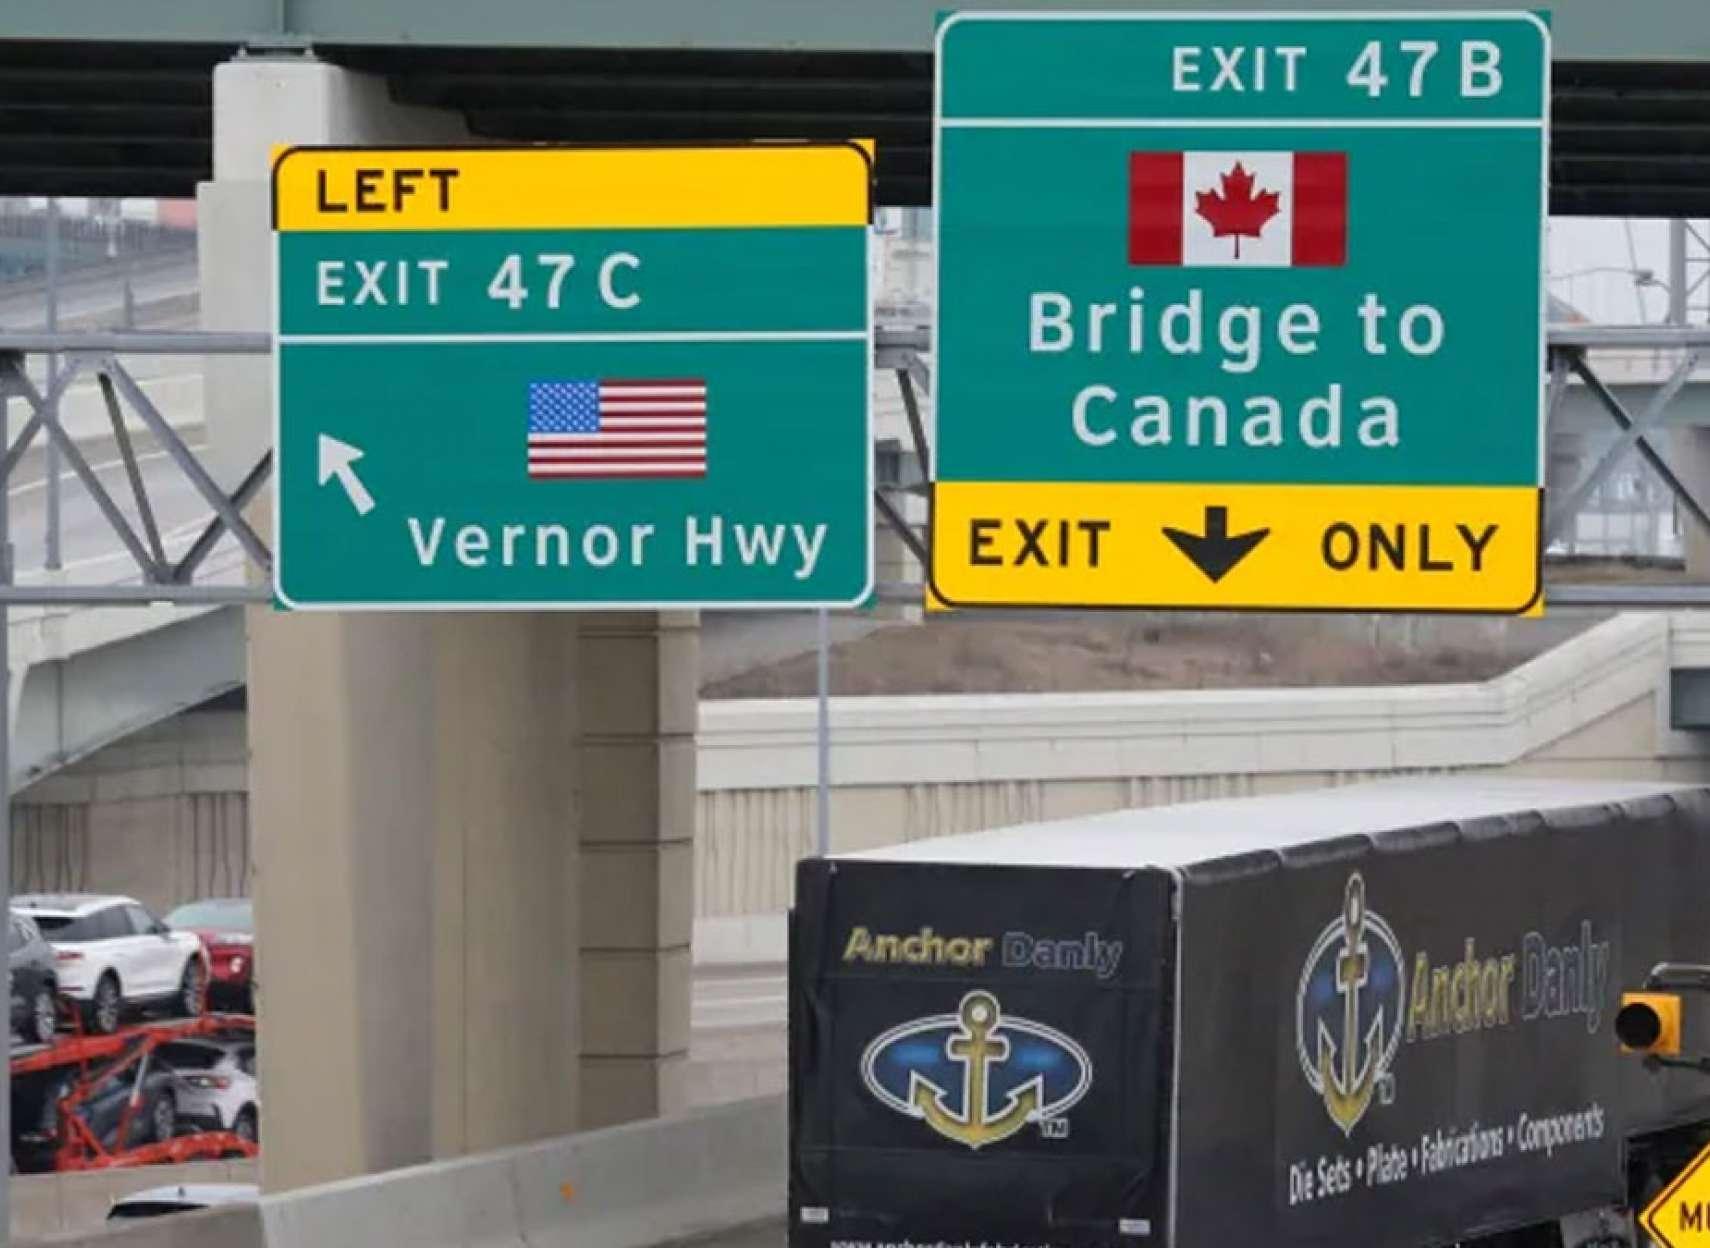 خبر-کانادا-ماموران-مرزی-کانادا-با-آمریکا-اعتصاب-می-کنند-بازشدن-مرزها-زیر-سوال-رفت